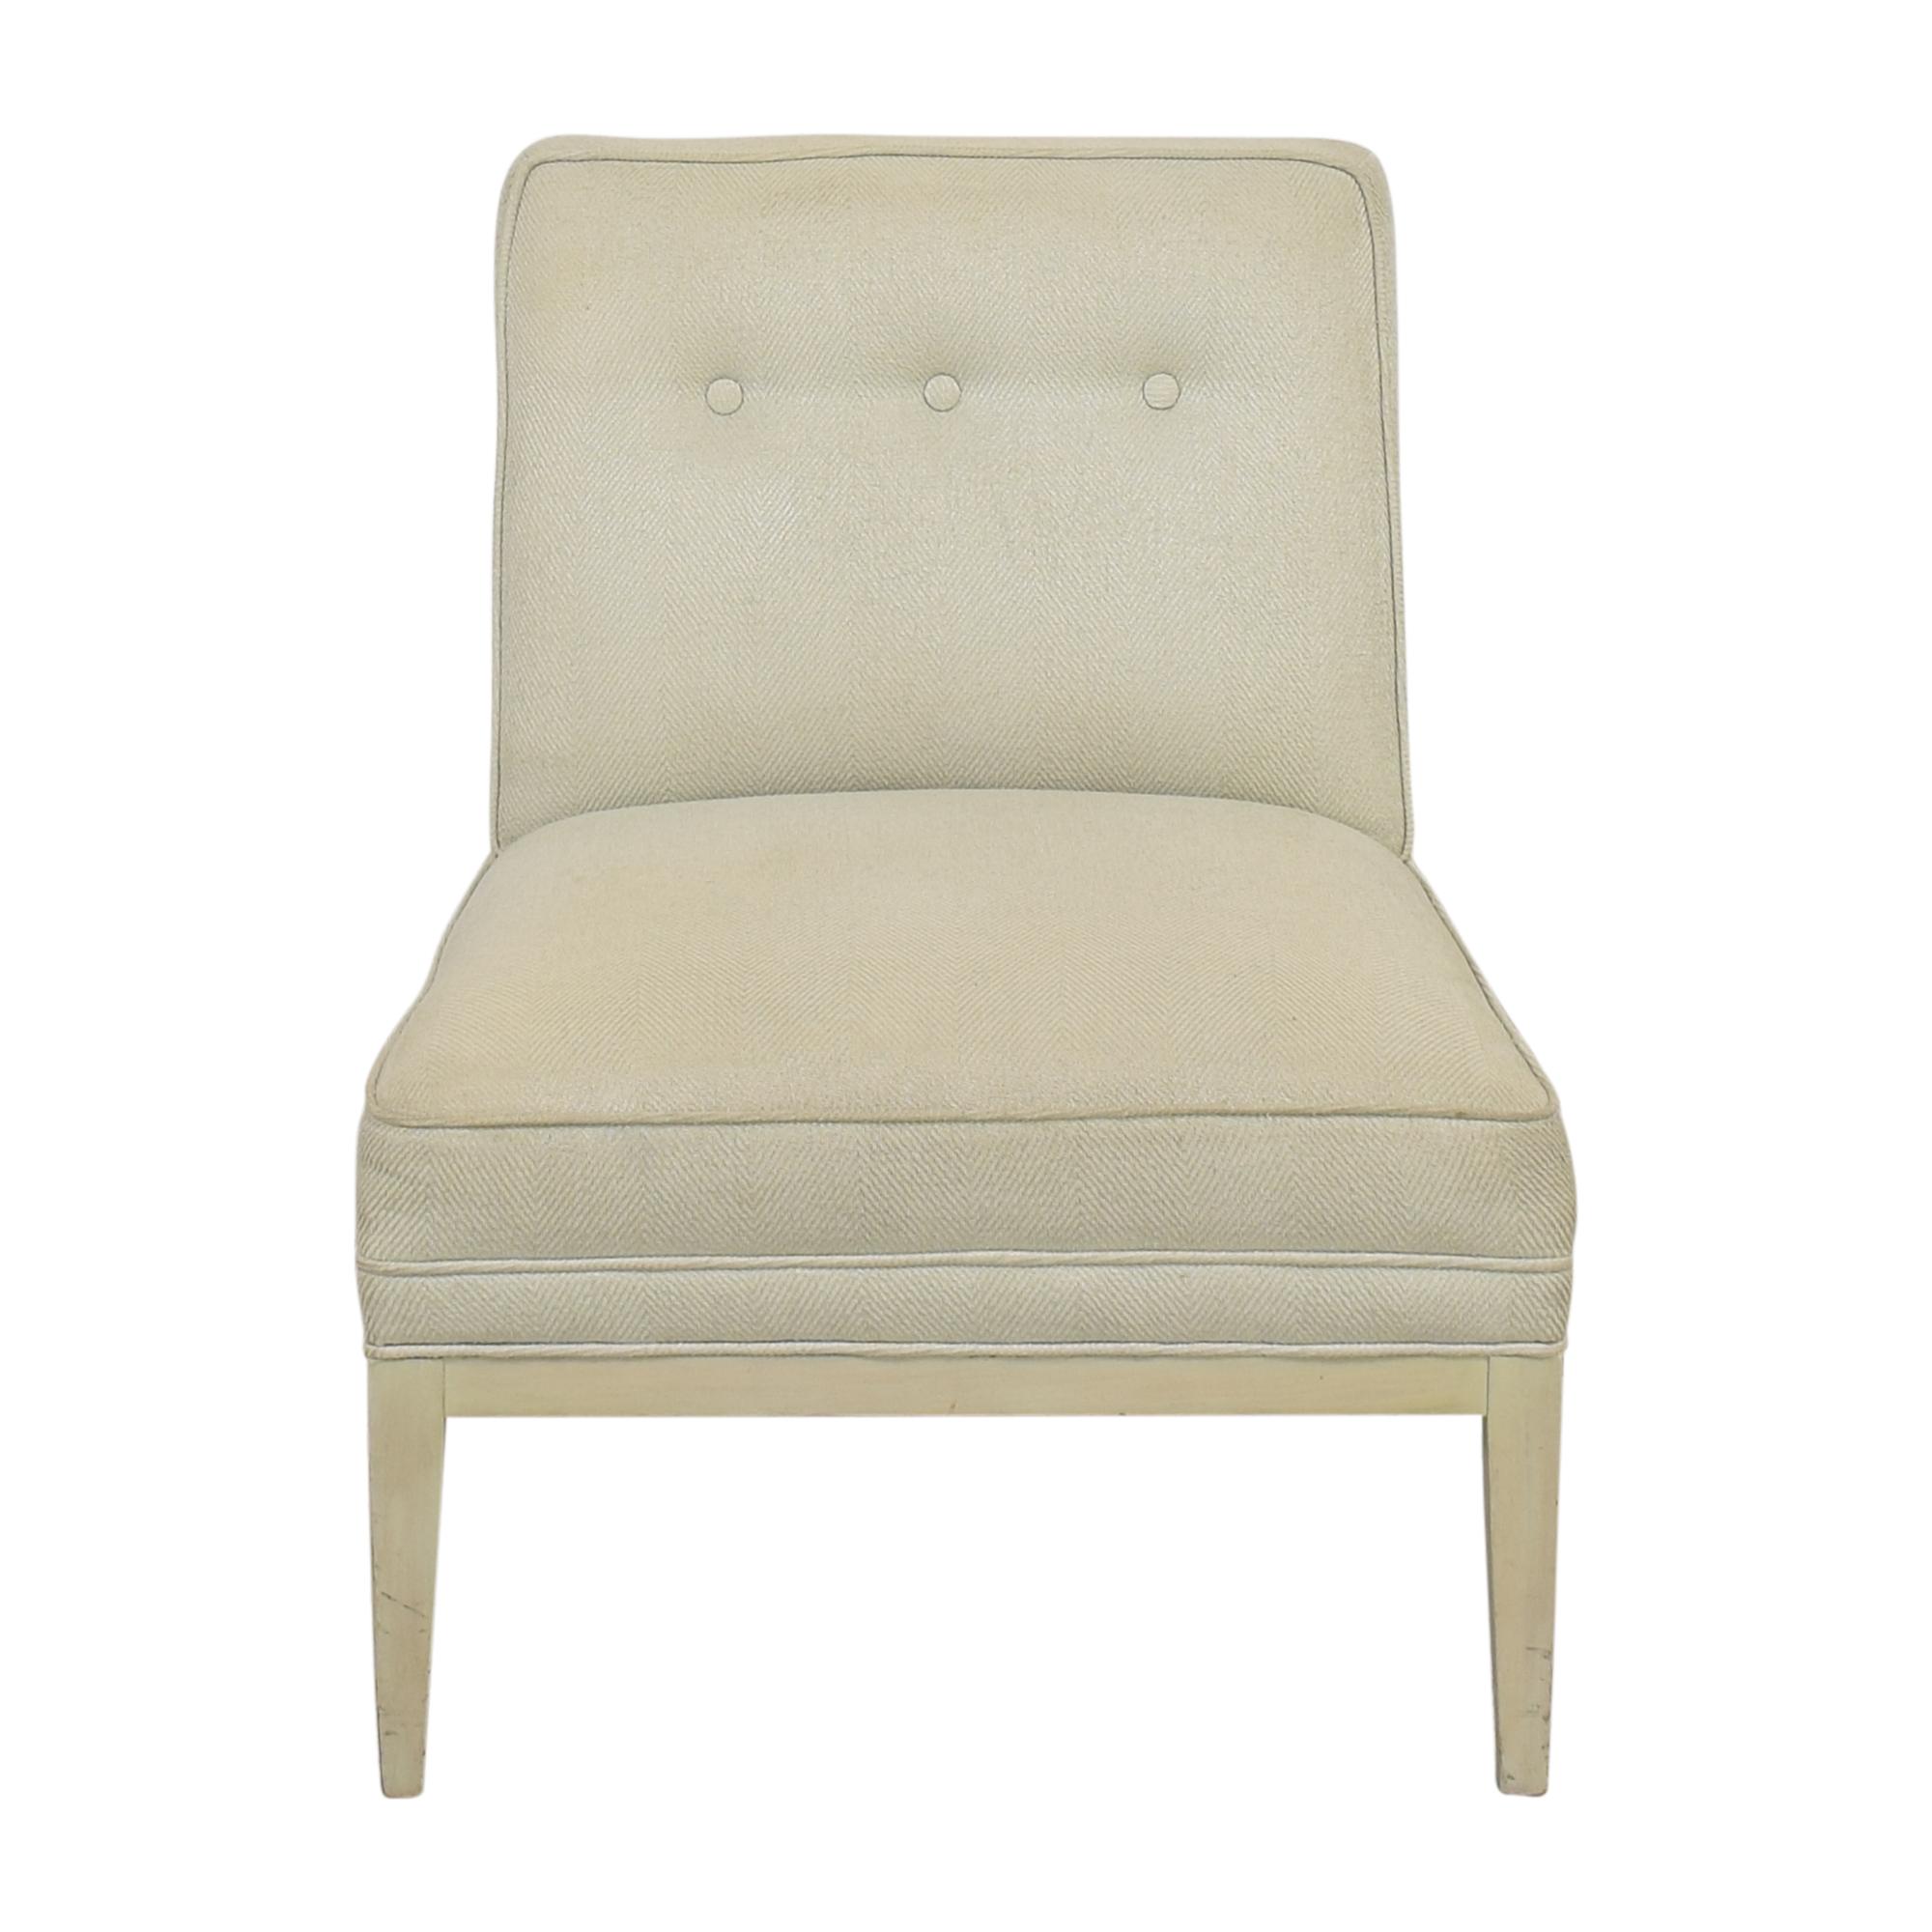 Upholstered Slipper Chair nj